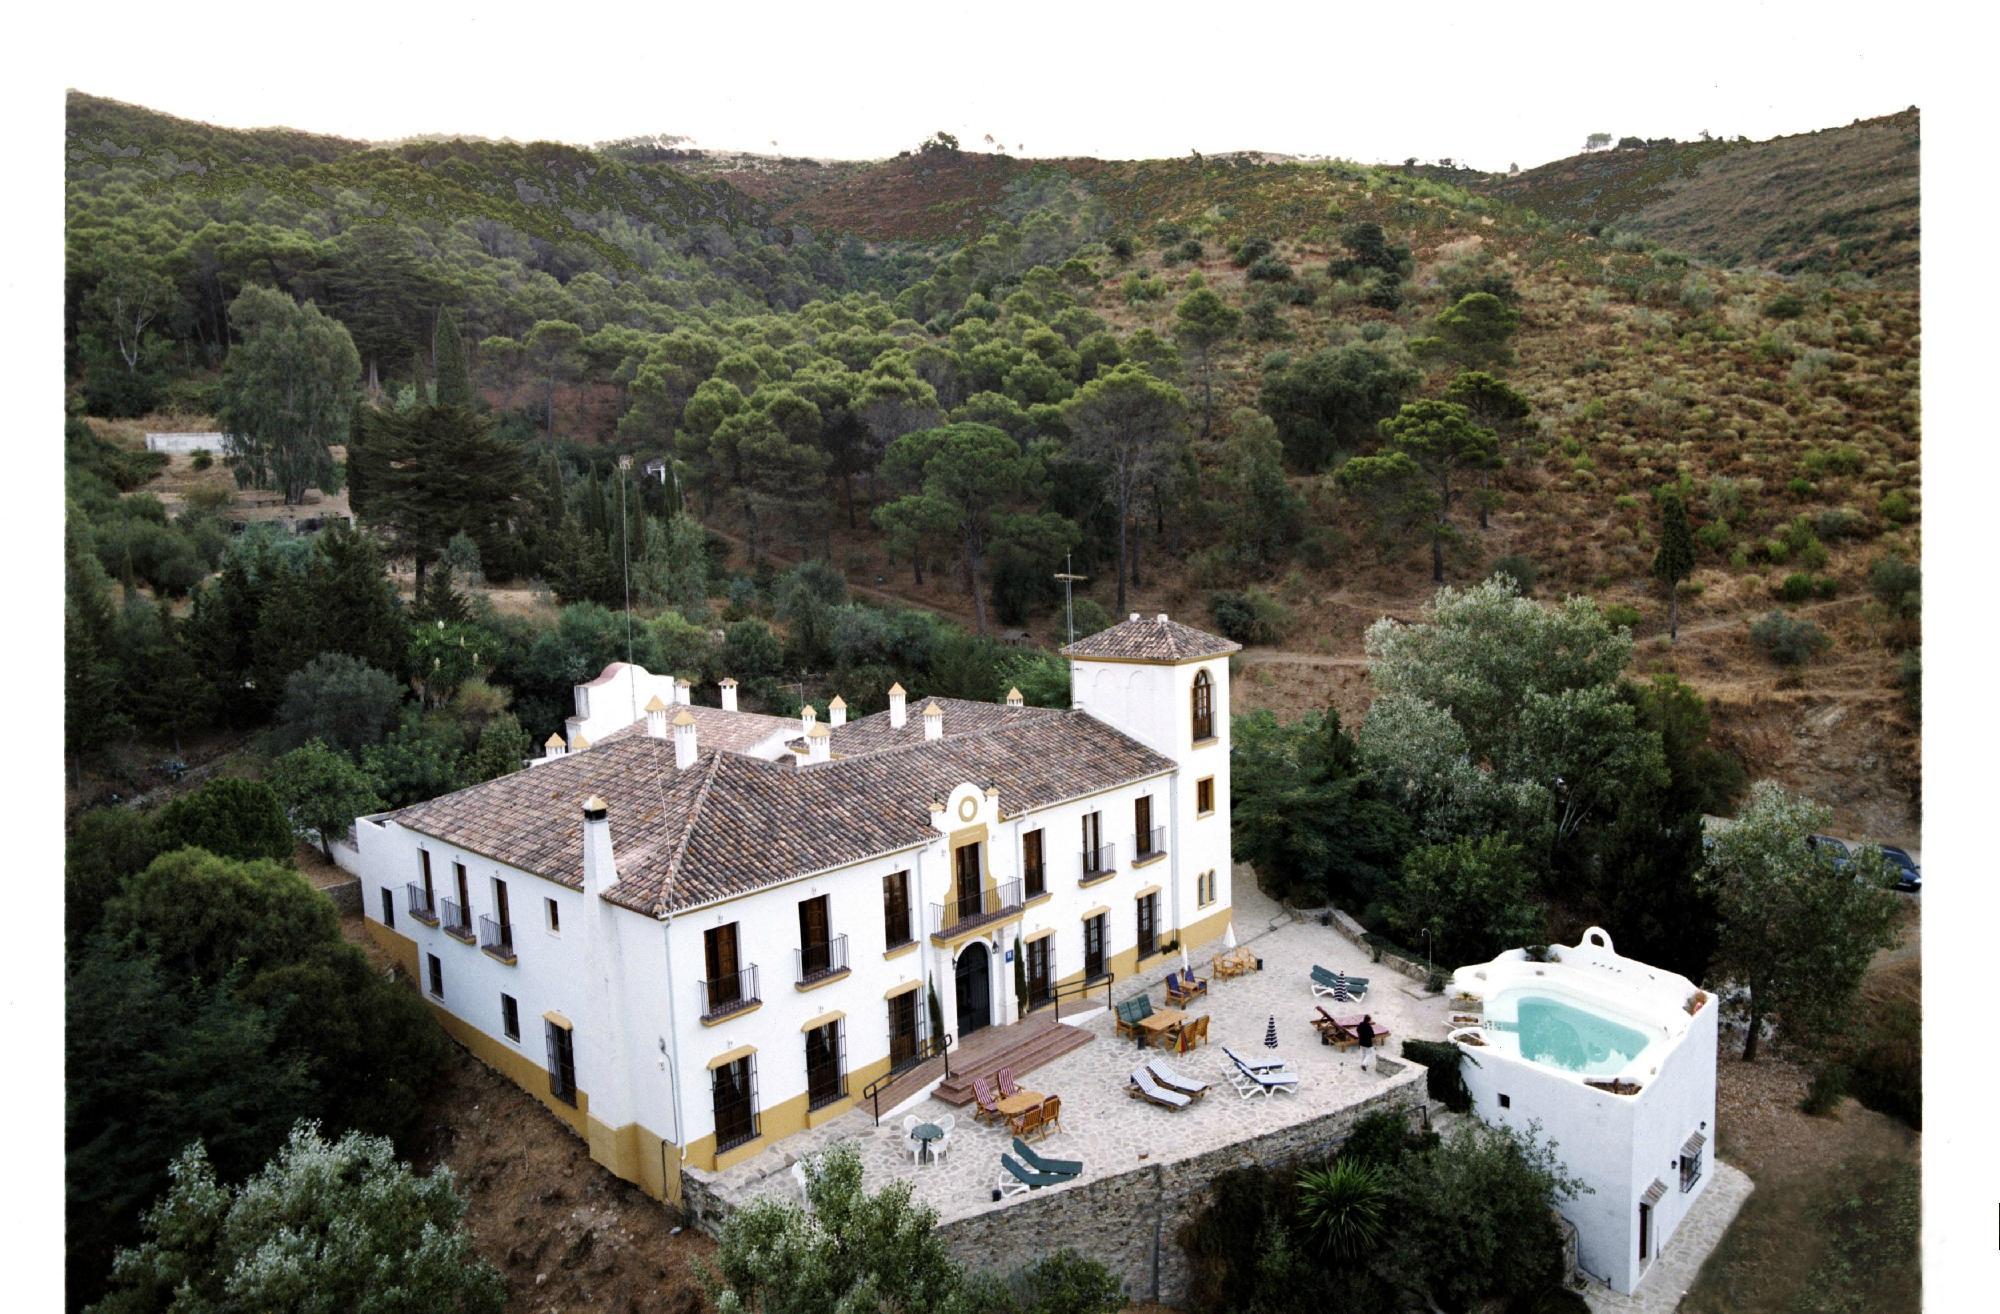 hotel montes de malaga: